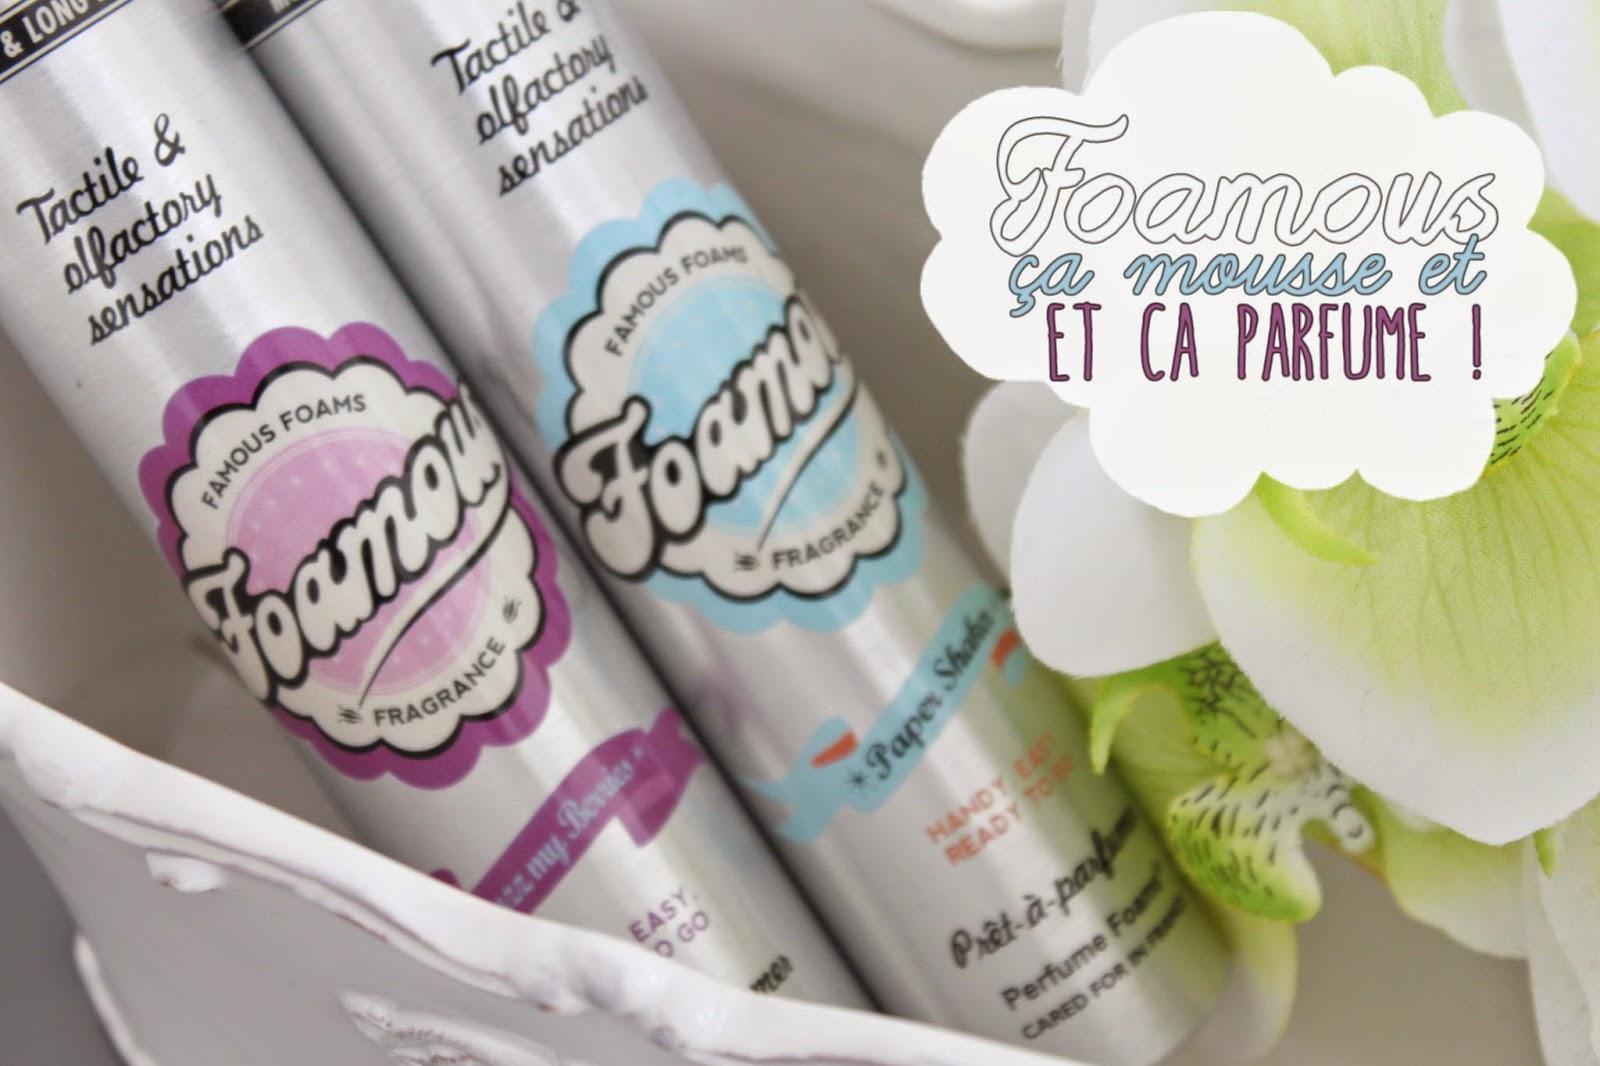 Foamous, ça mousse et ça parfume !